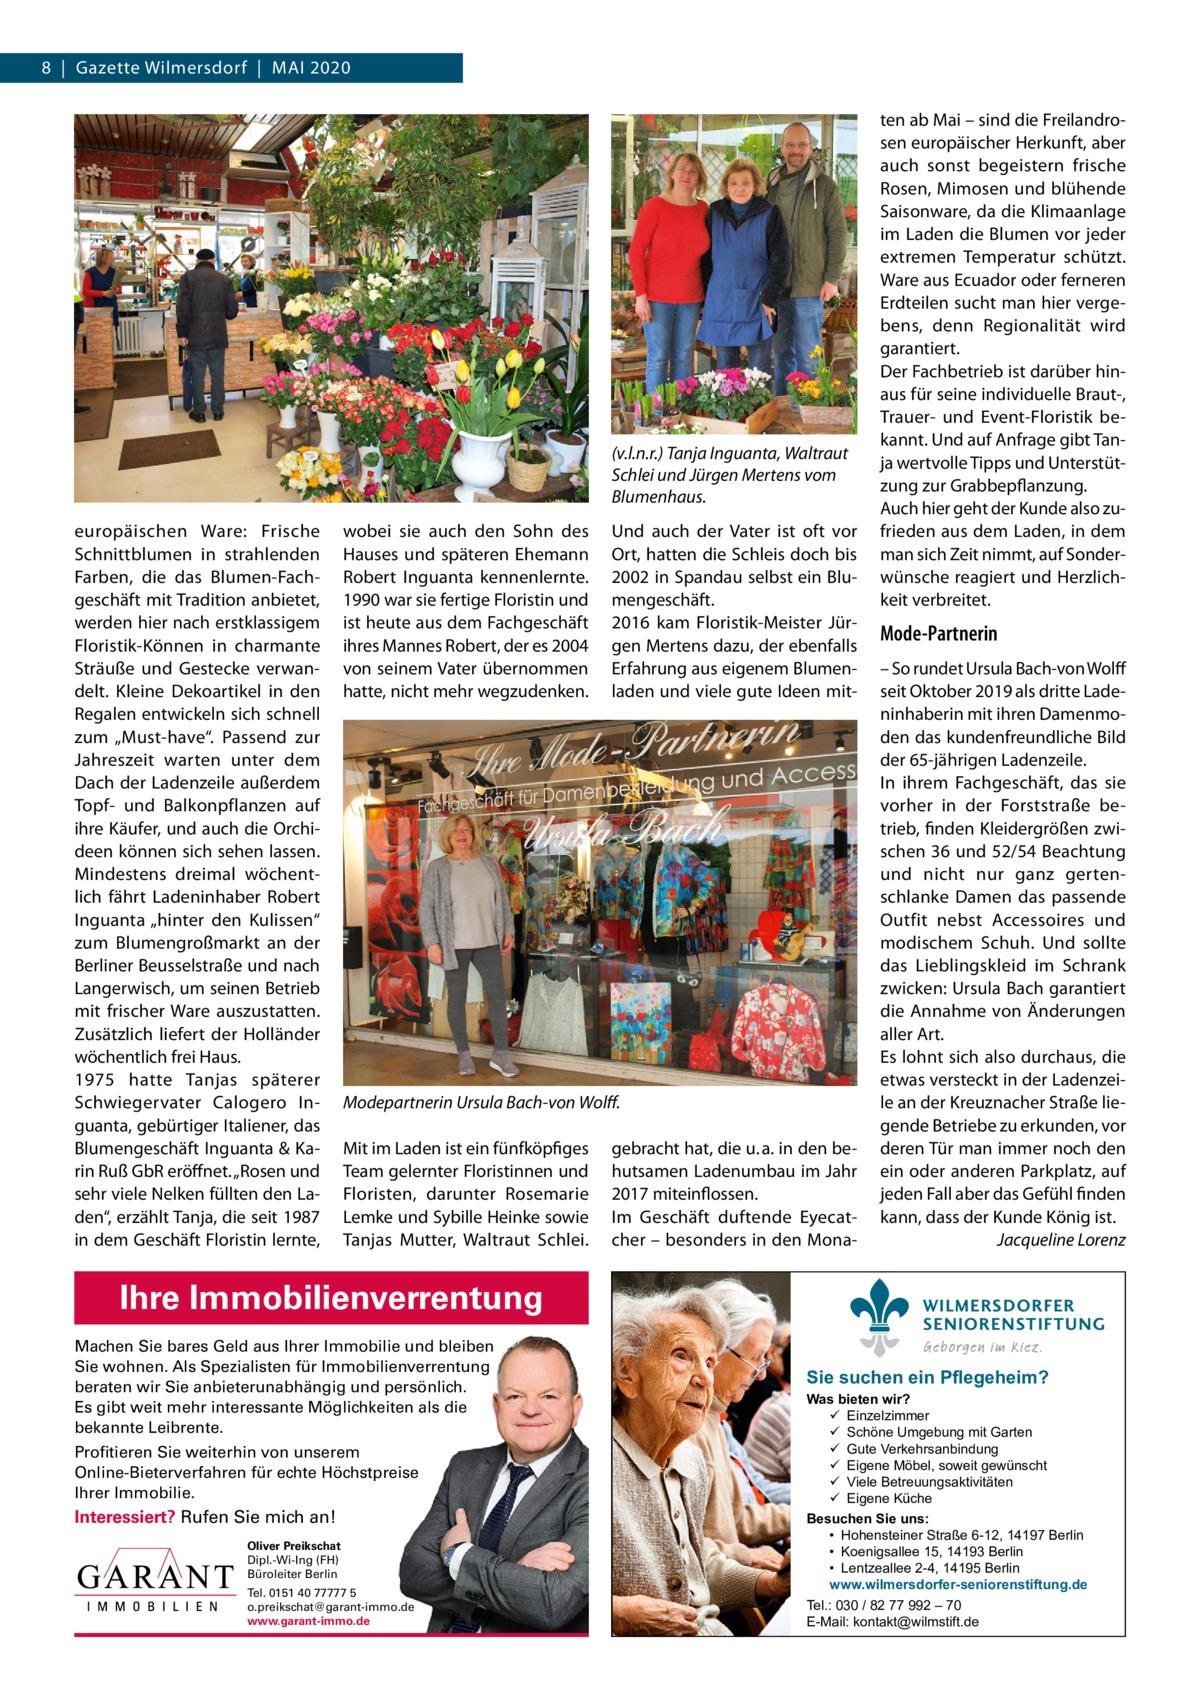 """8 Gazette Wilmersdorf Mai 2020  (v.l.n.r.) Tanja Inguanta, Waltraut Schlei und Jürgen Mertens vom Blumenhaus. europäischen Ware: Frische Schnittblumen in strahlenden Farben, die das Blumen-Fachgeschäft mit Tradition anbietet, werden hier nach erstklassigem Floristik-Können in charmante Sträuße und Gestecke verwandelt. Kleine Dekoartikel in den Regalen entwickeln sich schnell zum """"Must-have"""". Passend zur Jahreszeit warten unter dem Dach der Ladenzeile außerdem Topf- und Balkonpflanzen auf ihre Käufer, und auch die Orchideen können sich sehen lassen. Mindestens dreimal wöchentlich fährt Ladeninhaber Robert inguanta """"hinter den Kulissen"""" zum Blumengroßmarkt an der Berliner Beusselstraße und nach Langerwisch, um seinen Betrieb mit frischer Ware auszustatten. Zusätzlich liefert der Holländer wöchentlich frei Haus. 1975 hatte Tanjas späterer Schwiegervater Calogero inguanta, gebürtiger italiener, das Blumengeschäft inguanta & Karin Ruß GbR eröffnet. """"Rosen und sehr viele Nelken füllten den Laden"""", erzählt Tanja, die seit 1987 in dem Geschäft Floristin lernte,  wobei sie auch den Sohn des Hauses und späteren Ehemann Robert inguanta kennenlernte. 1990 war sie fertige Floristin und ist heute aus dem Fachgeschäft ihres Mannes Robert, der es 2004 von seinem Vater übernommen hatte, nicht mehr wegzudenken.  Und auch der Vater ist oft vor Ort, hatten die Schleis doch bis 2002 in Spandau selbst ein Blumengeschäft. 2016 kam Floristik-Meister Jürgen Mertens dazu, der ebenfalls Erfahrung aus eigenem Blumenladen und viele gute ideen mit Modepartnerin Ursula Bach-von Wolff. Mit im Laden ist ein fünfköpfiges Team gelernter Floristinnen und Floristen, darunter Rosemarie Lemke und Sybille Heinke sowie Tanjas Mutter, Waltraut Schlei.  Ihre Immobilienverrentung Machen Sie bares Geld aus Ihrer Immobilie und bleiben Sie wohnen. Als Spezialisten für Immobilienverrentung beraten wir Sie anbieterunabhängig und persönlich. Es gibt weit mehr interessante Möglichkeiten als die bekannte Leibrente. P"""